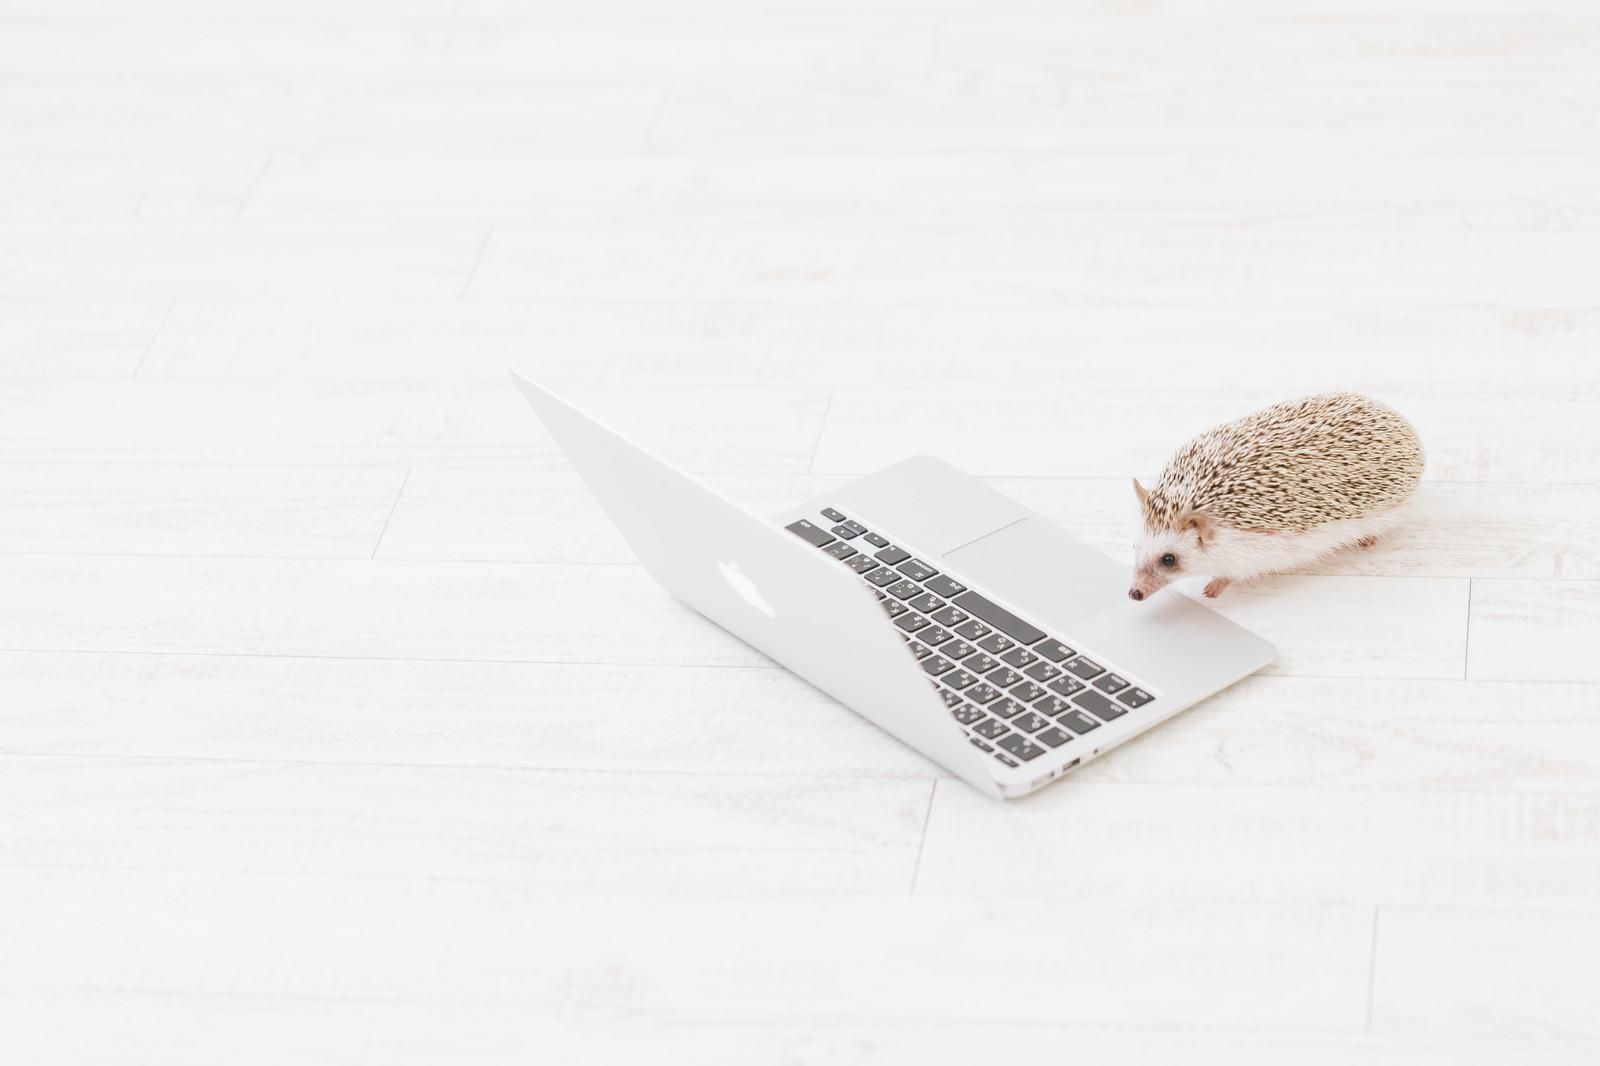 プログラミングをするハリネズミ